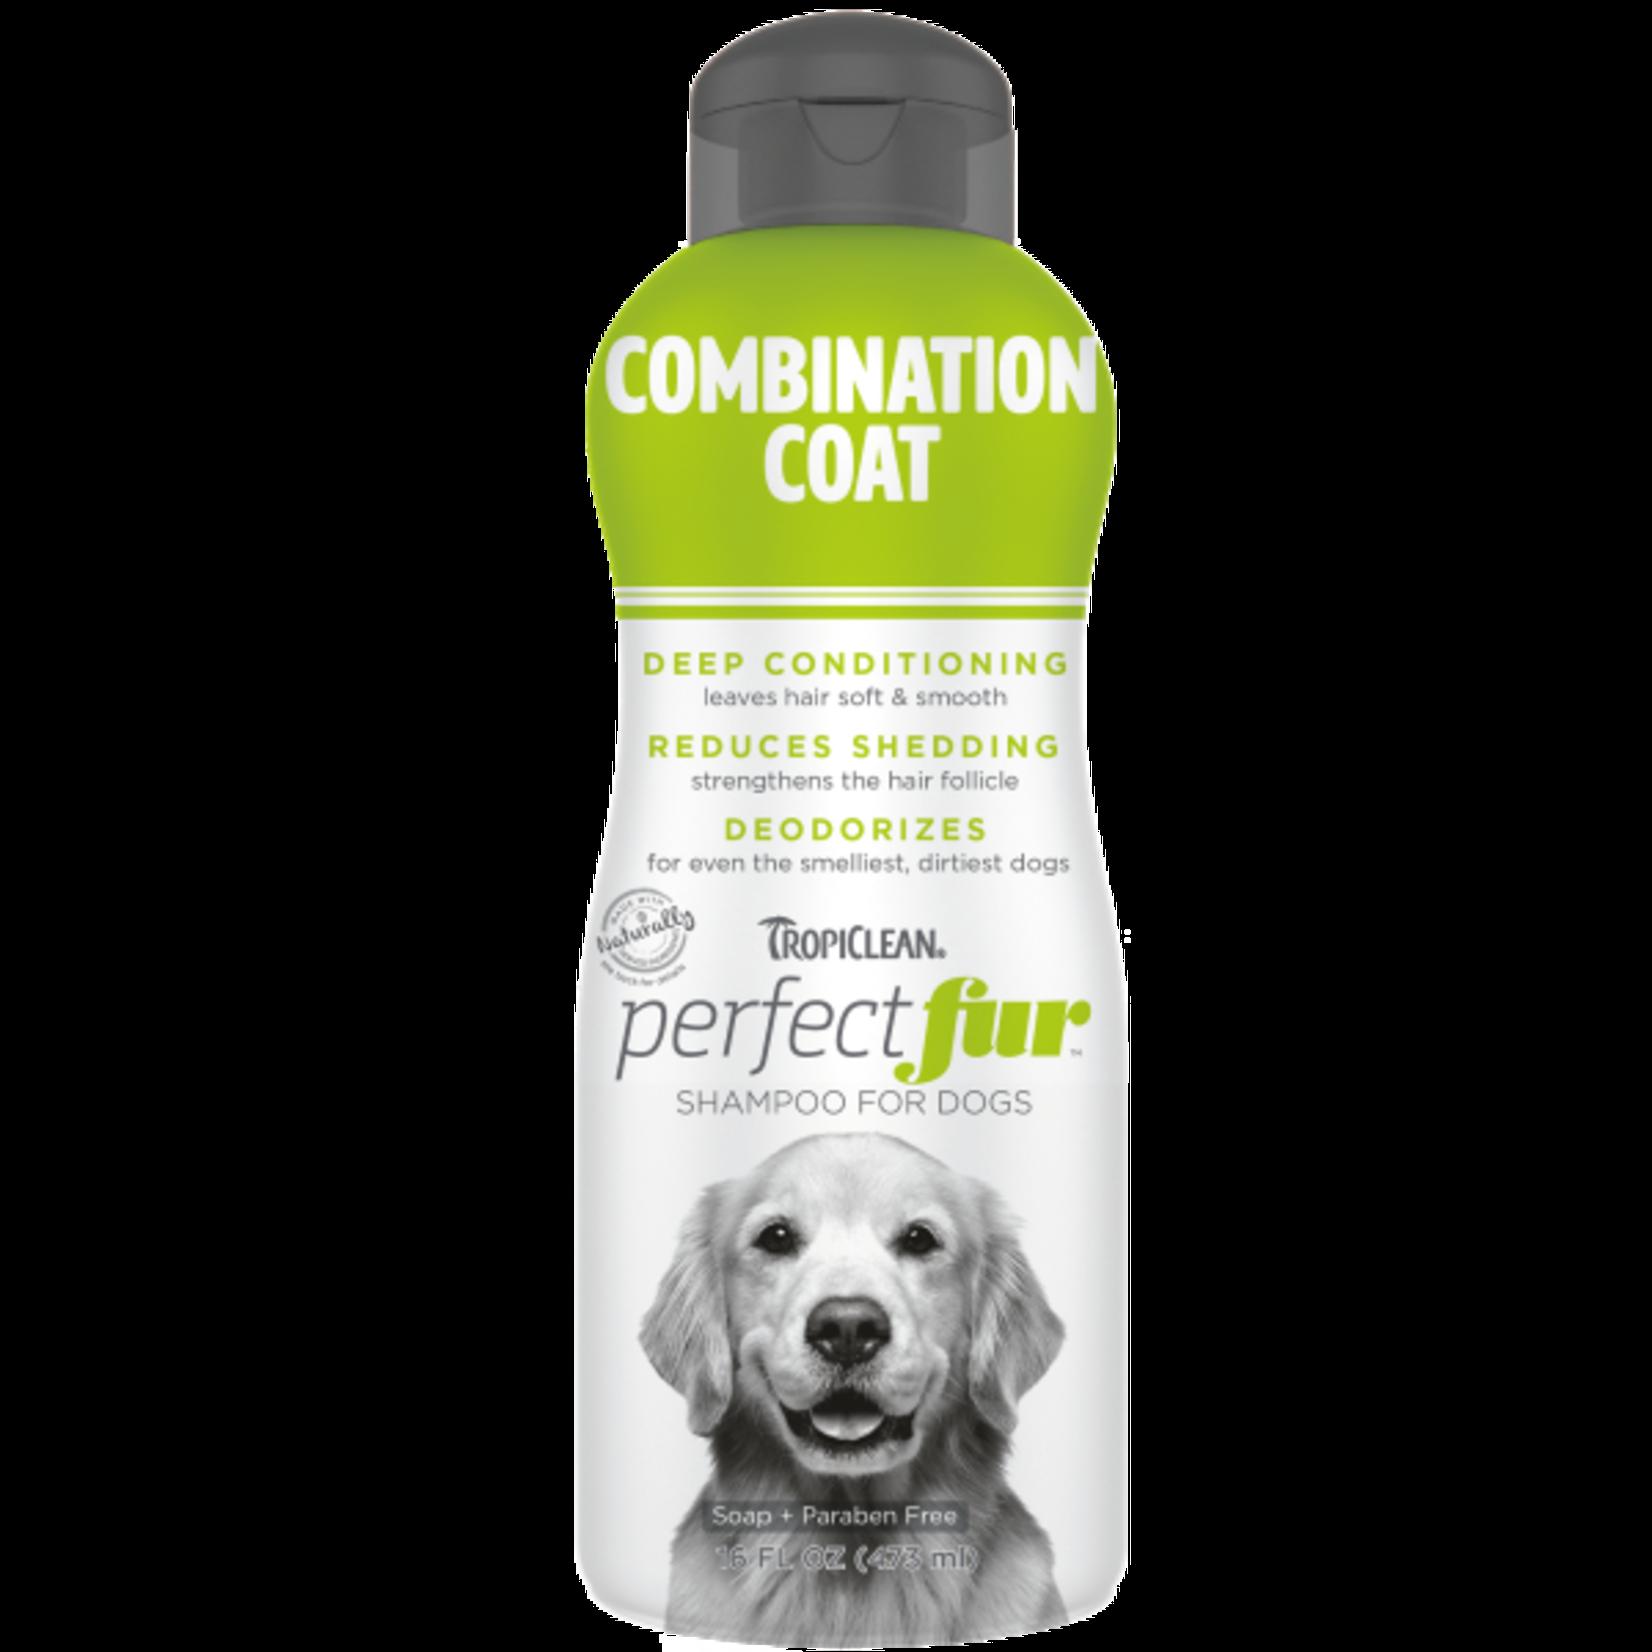 Perfect Fur Combination Coat Shampoo 16 oz